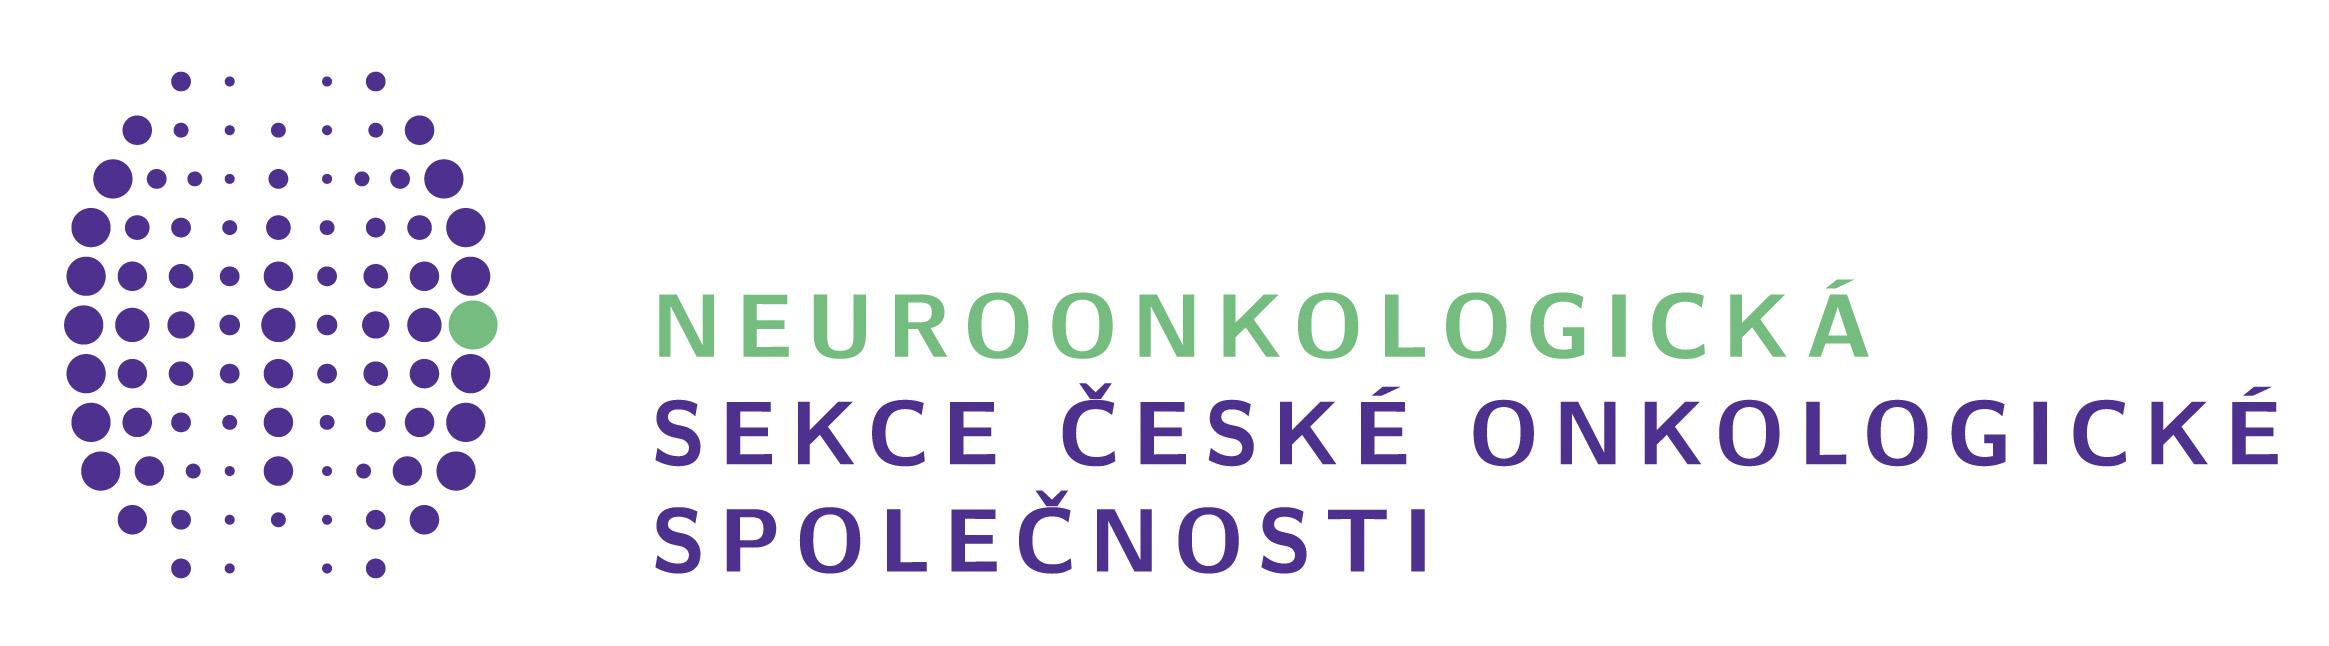 neuroonko-logo-rgb